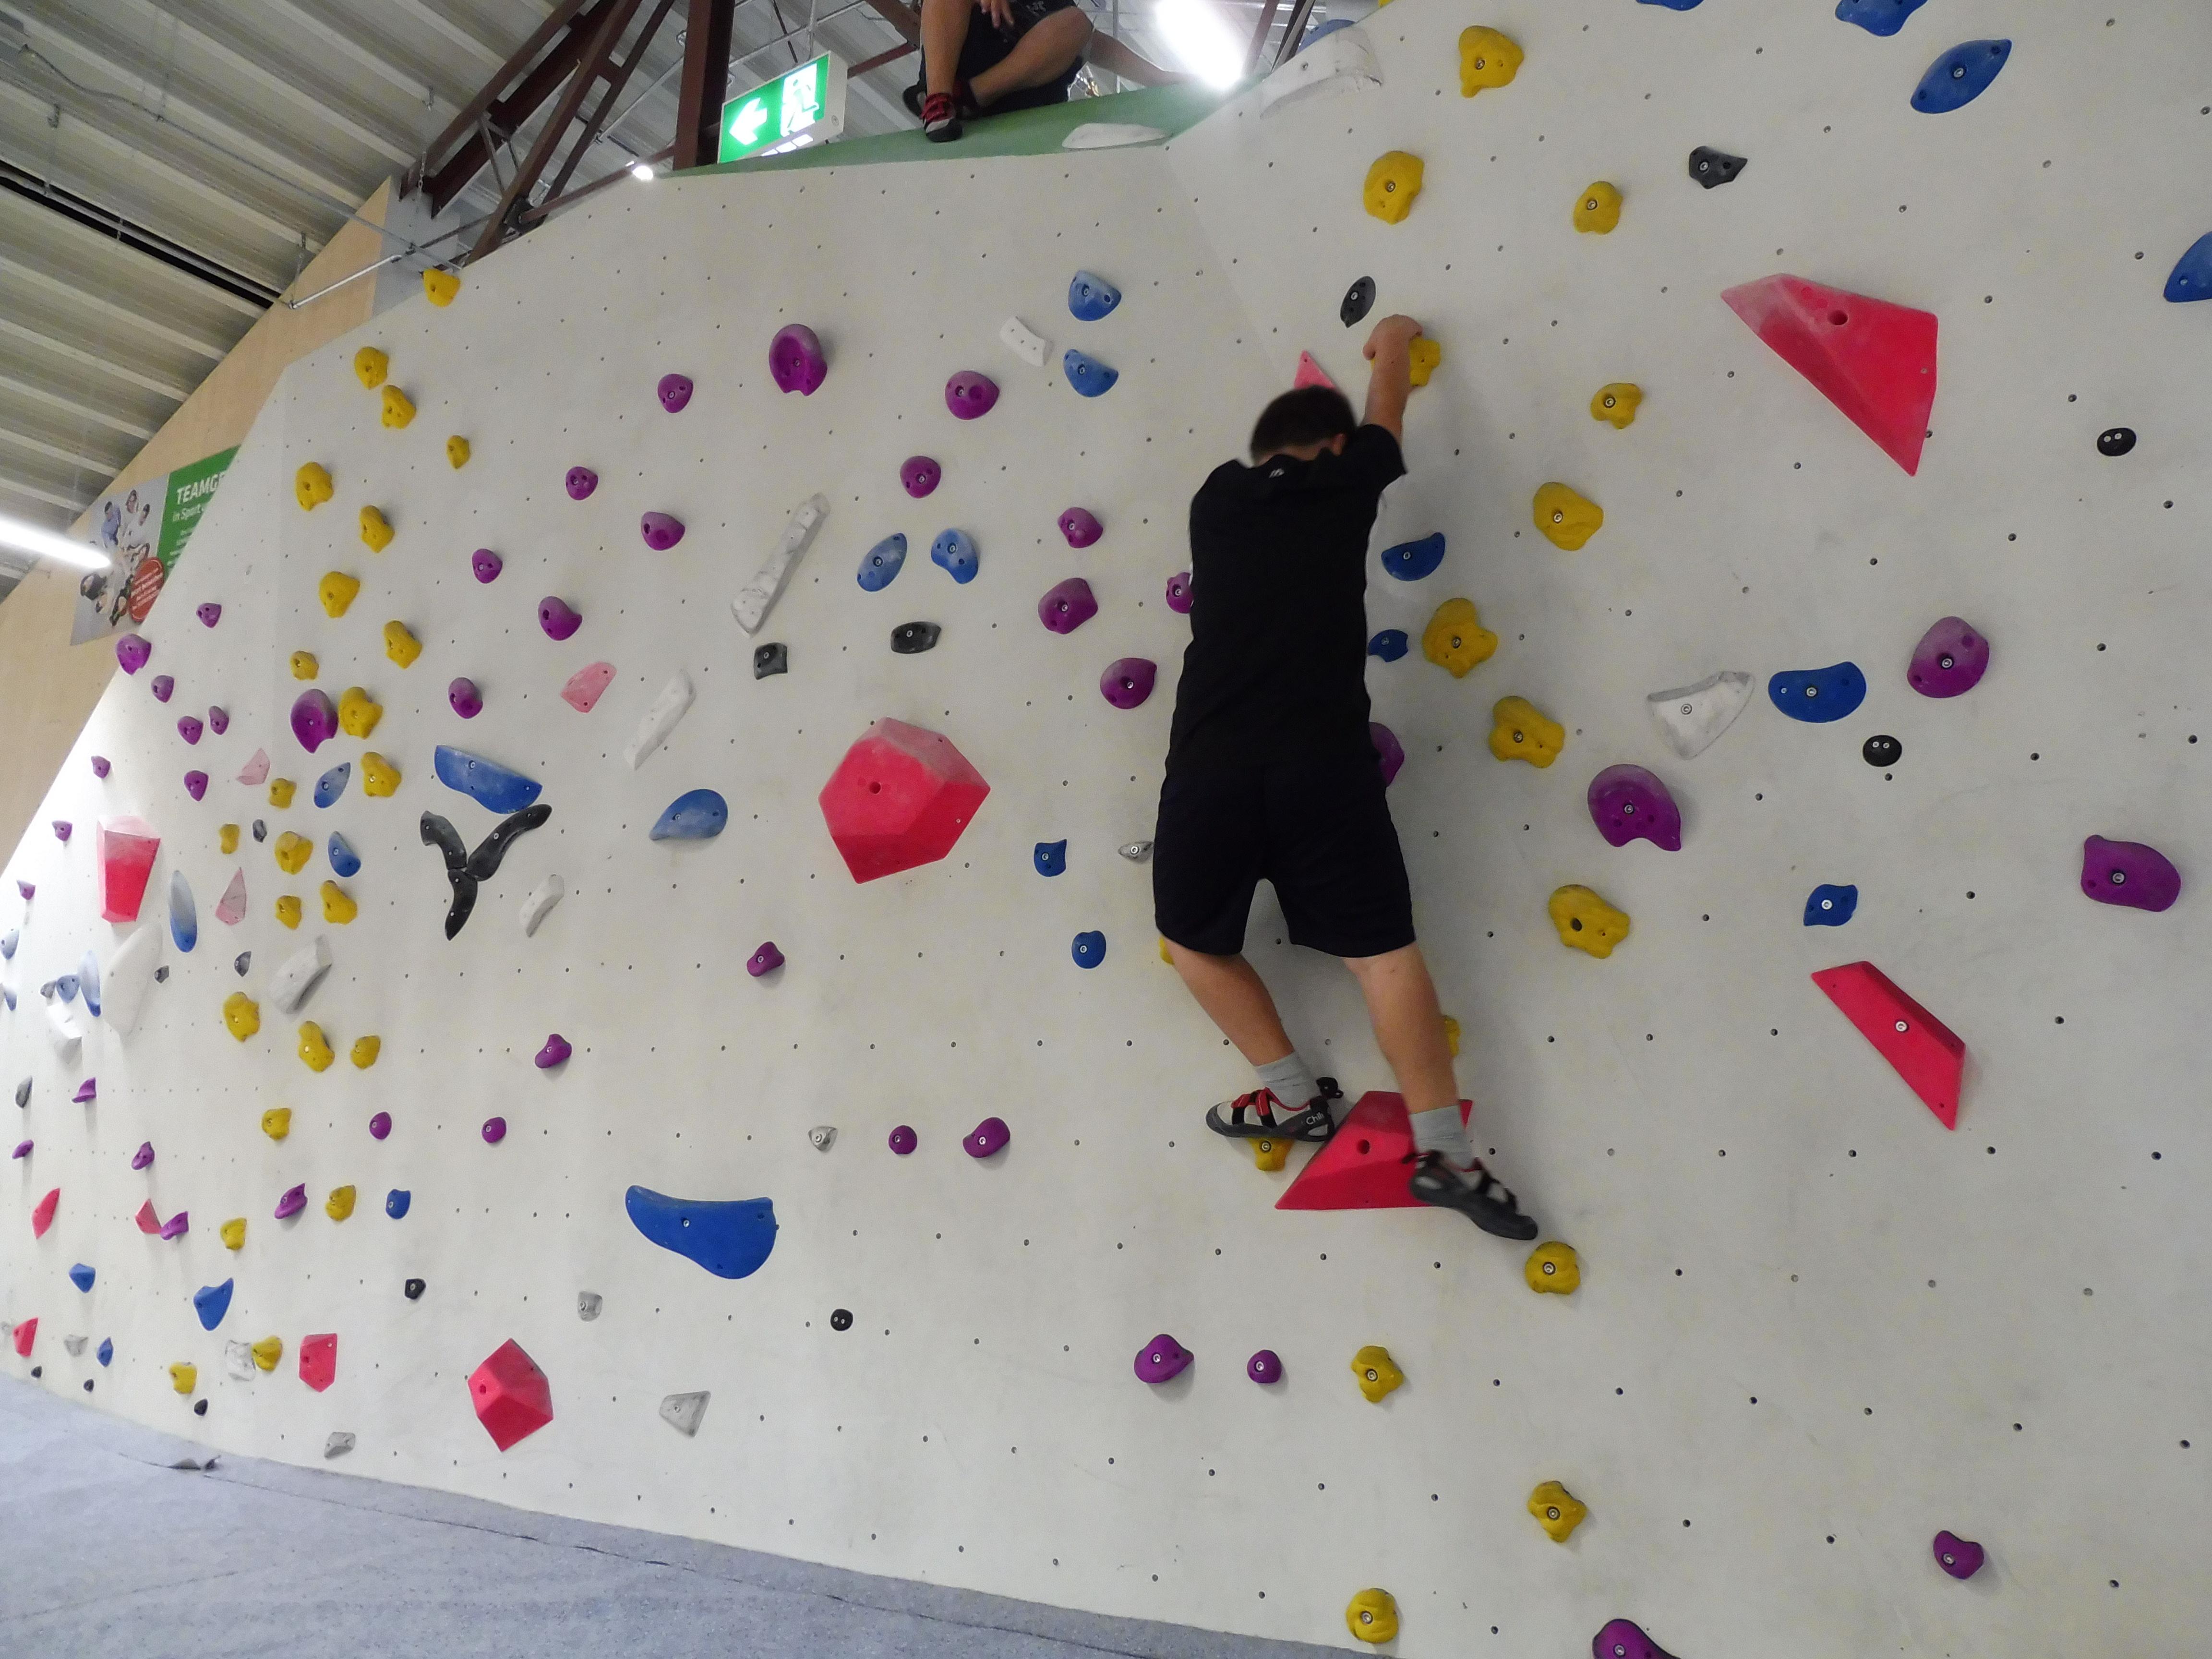 Klettern ohne Seil – Bouldern